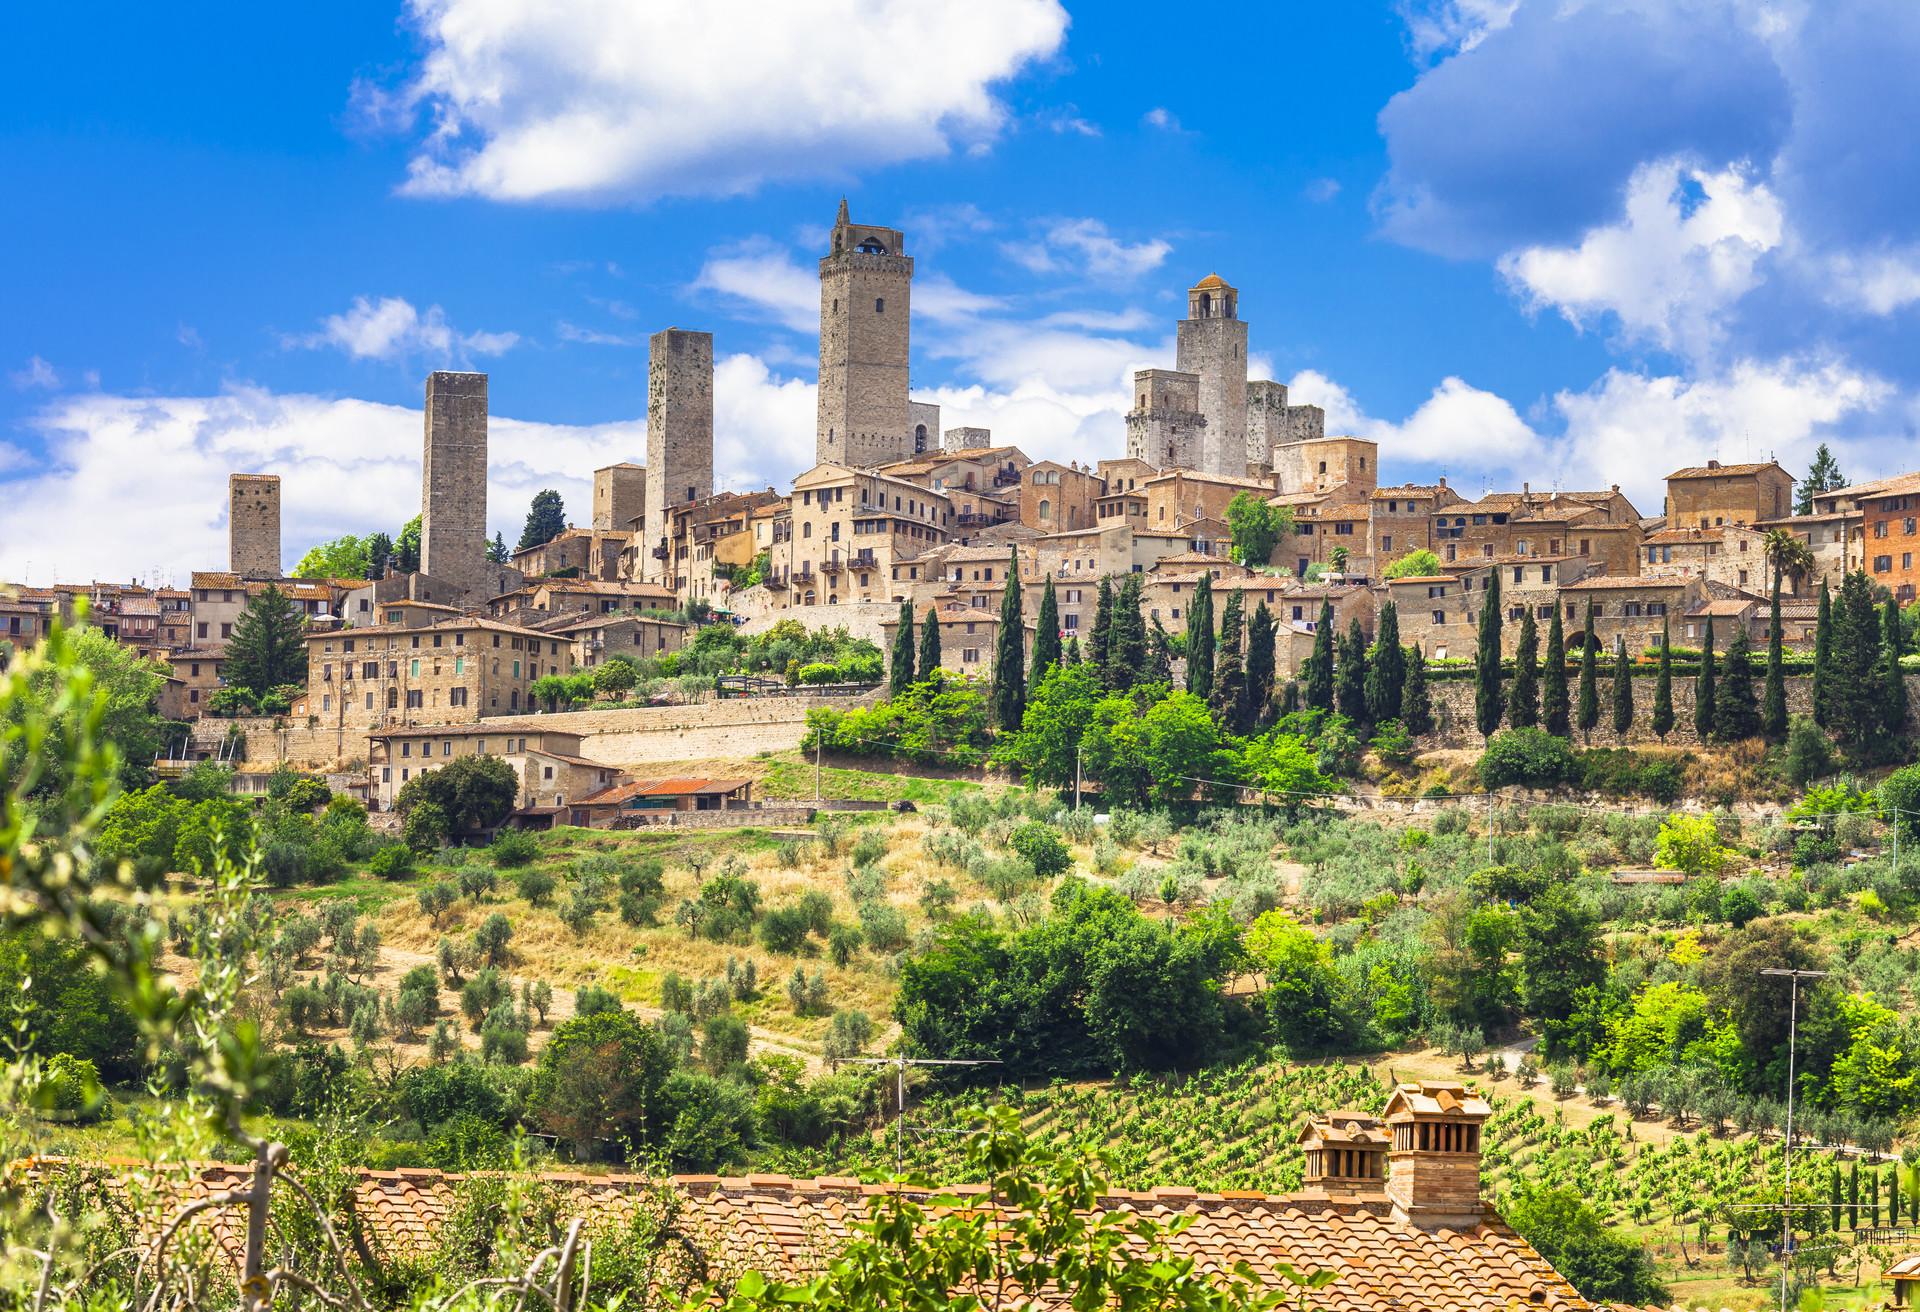 Quelques-unes des tours de San Gimignano